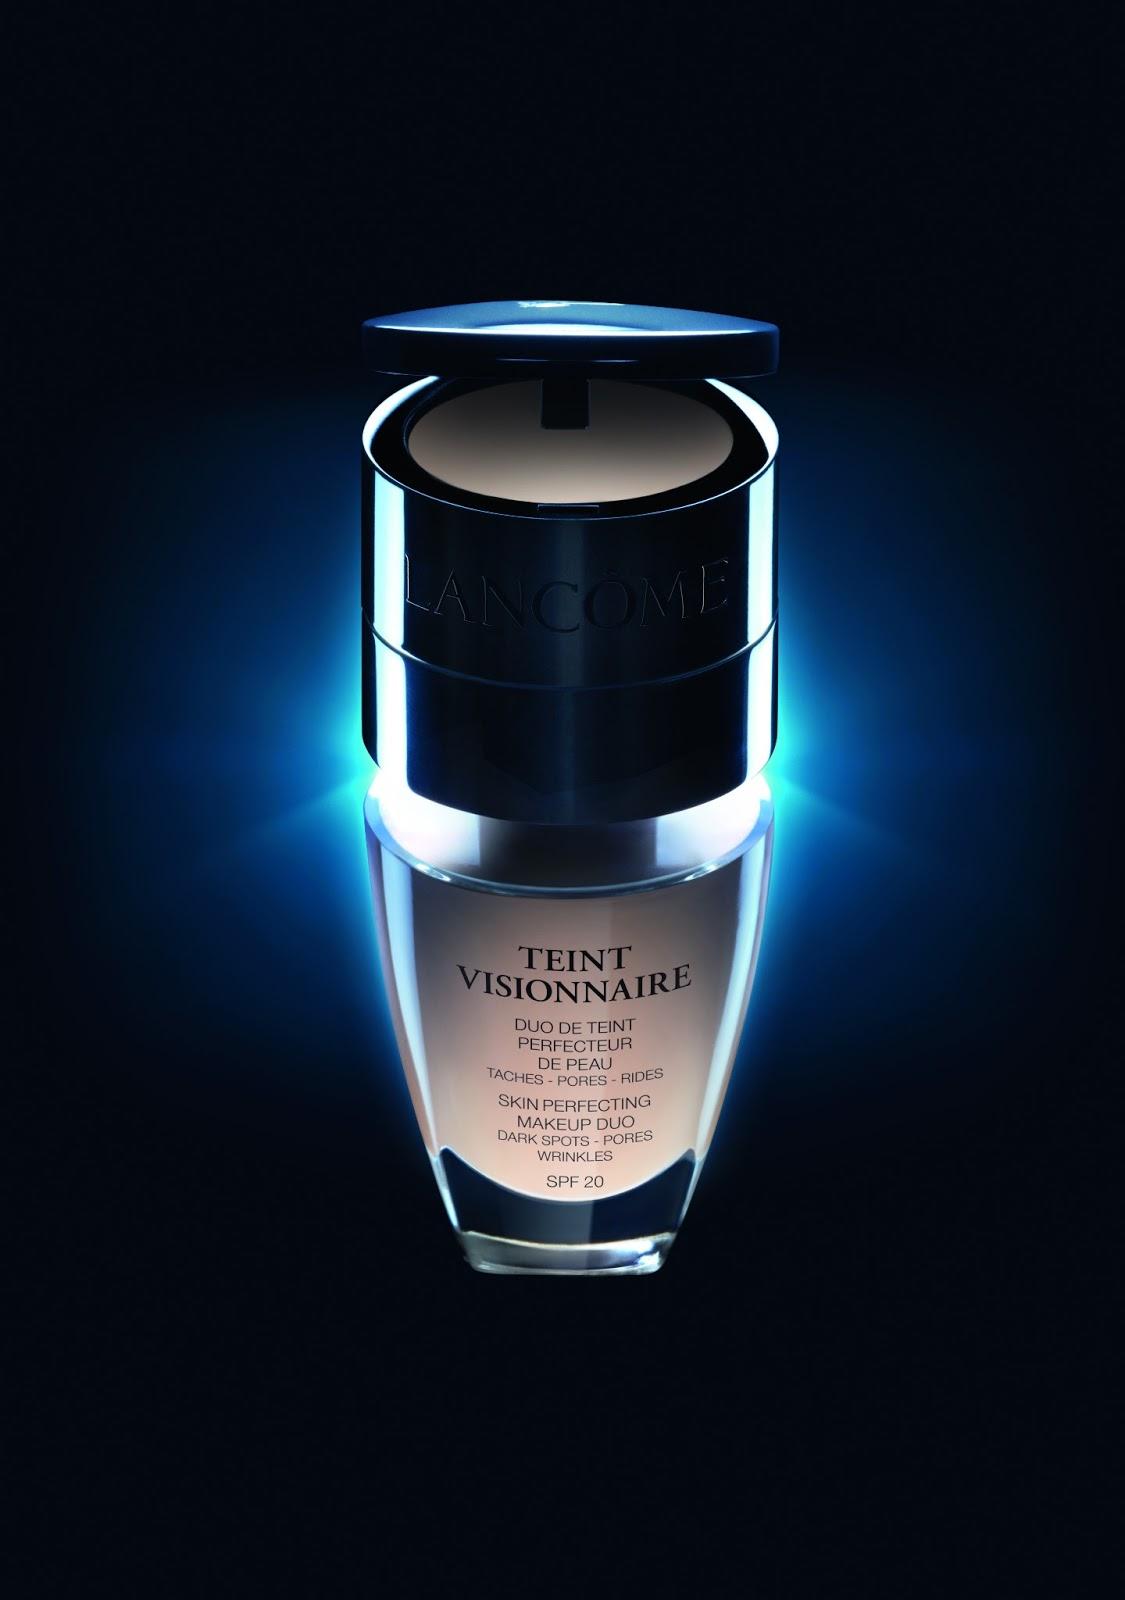 El nuevo maquillaje de Lancome se llama Teint Visionnaire y es revolucionario